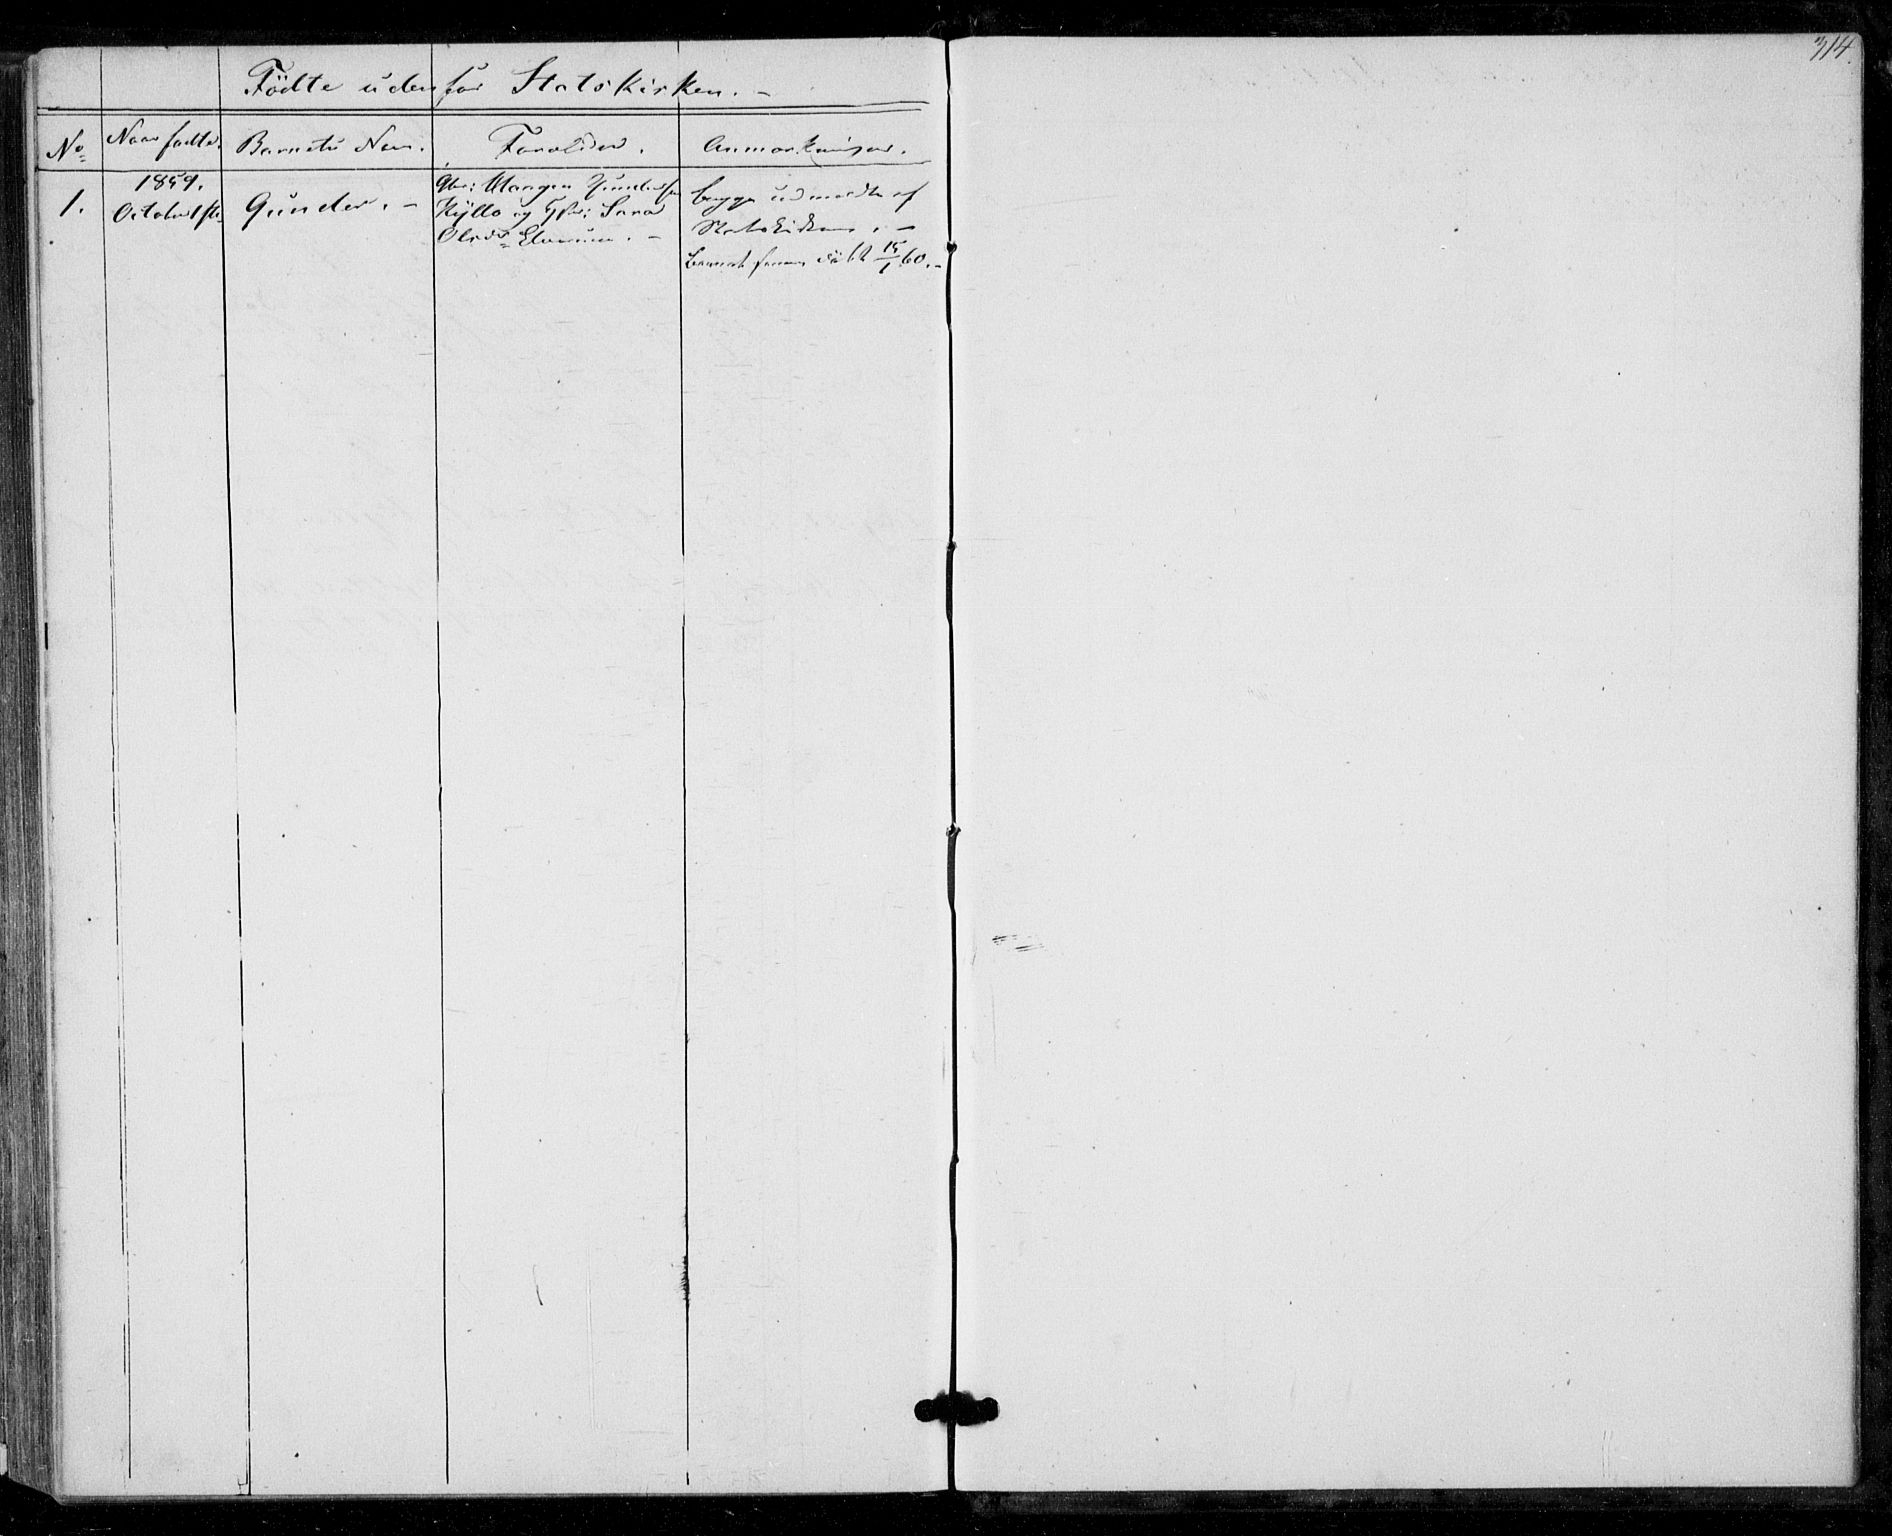 SAT, Ministerialprotokoller, klokkerbøker og fødselsregistre - Nord-Trøndelag, 703/L0028: Ministerialbok nr. 703A01, 1850-1862, s. 314